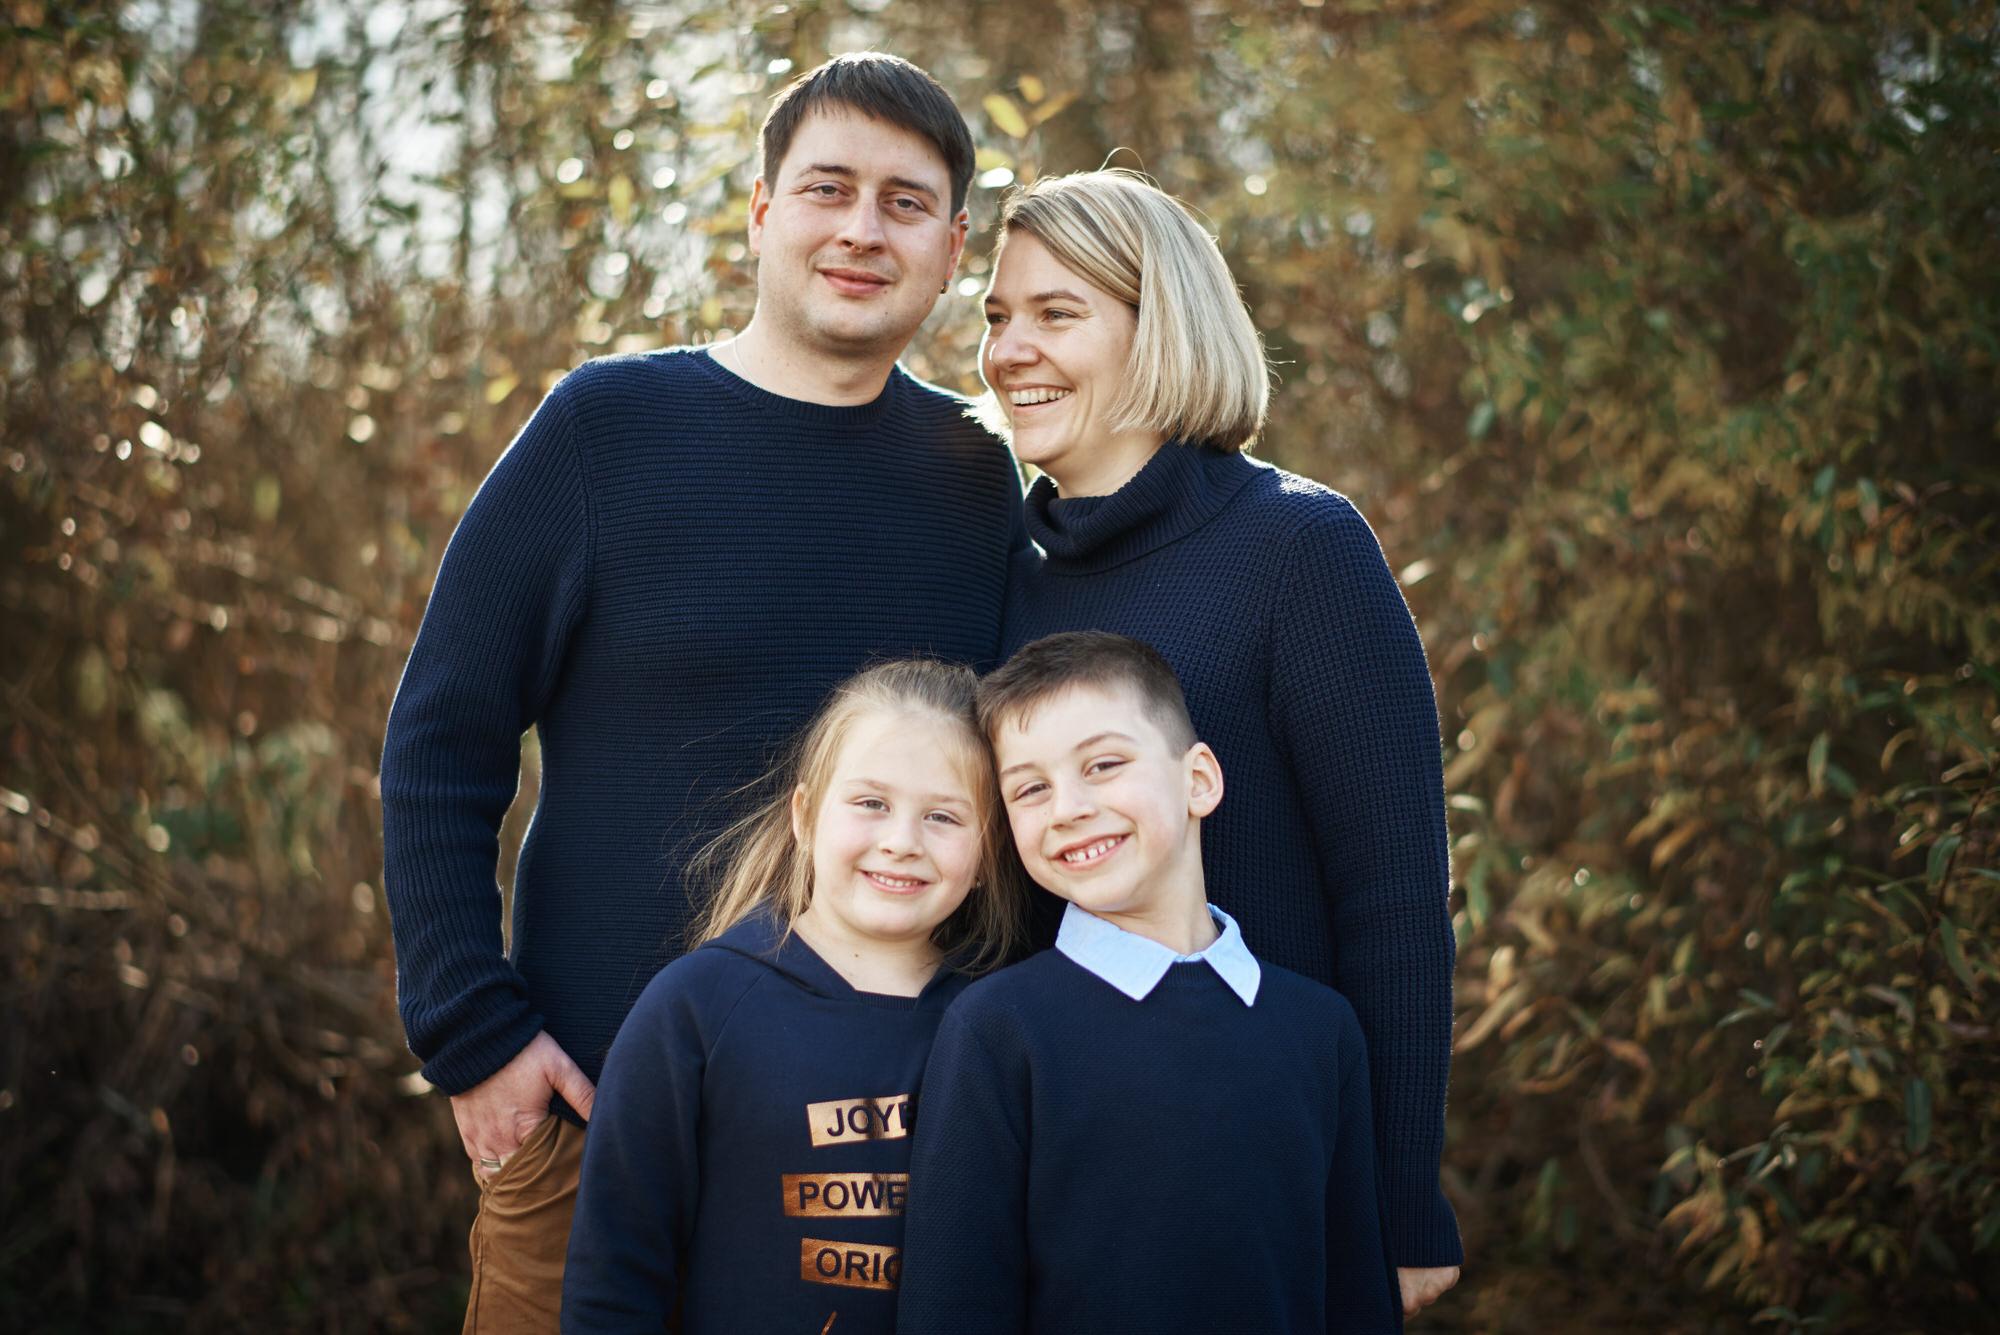 Familienfotograf in Ulm